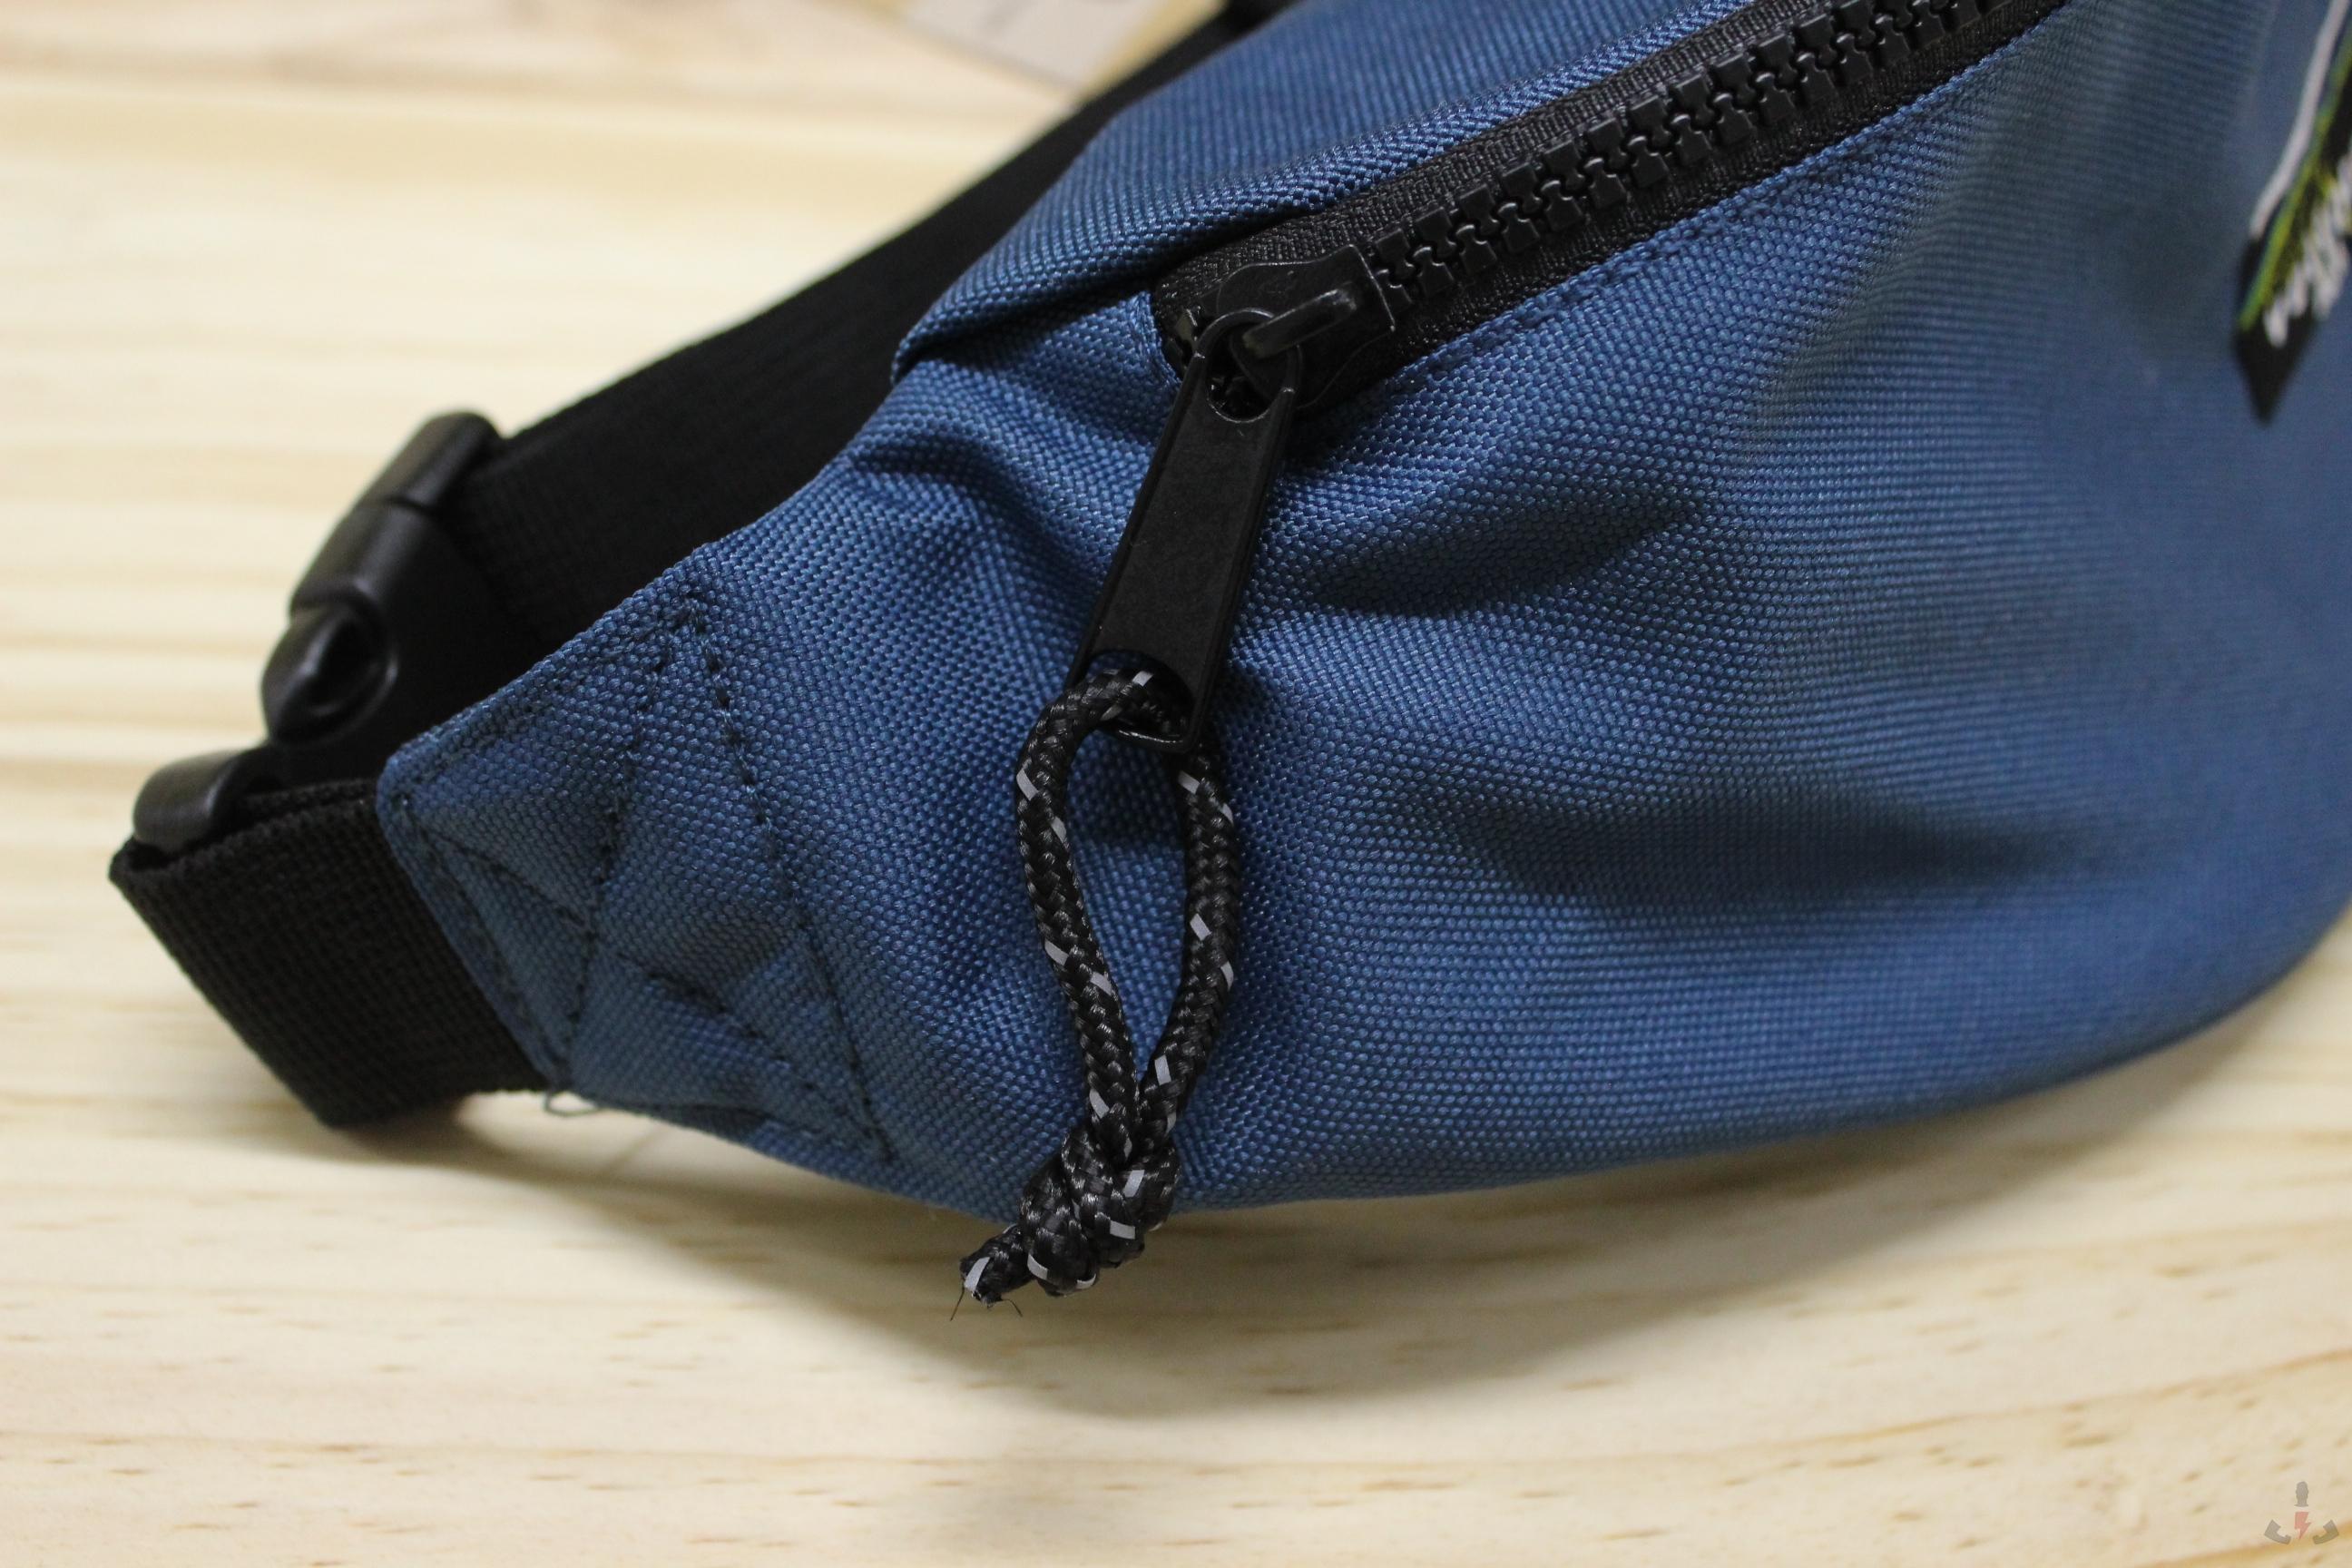 Fotos de Bolsas Bag-Base BG282 poliéster reciclado